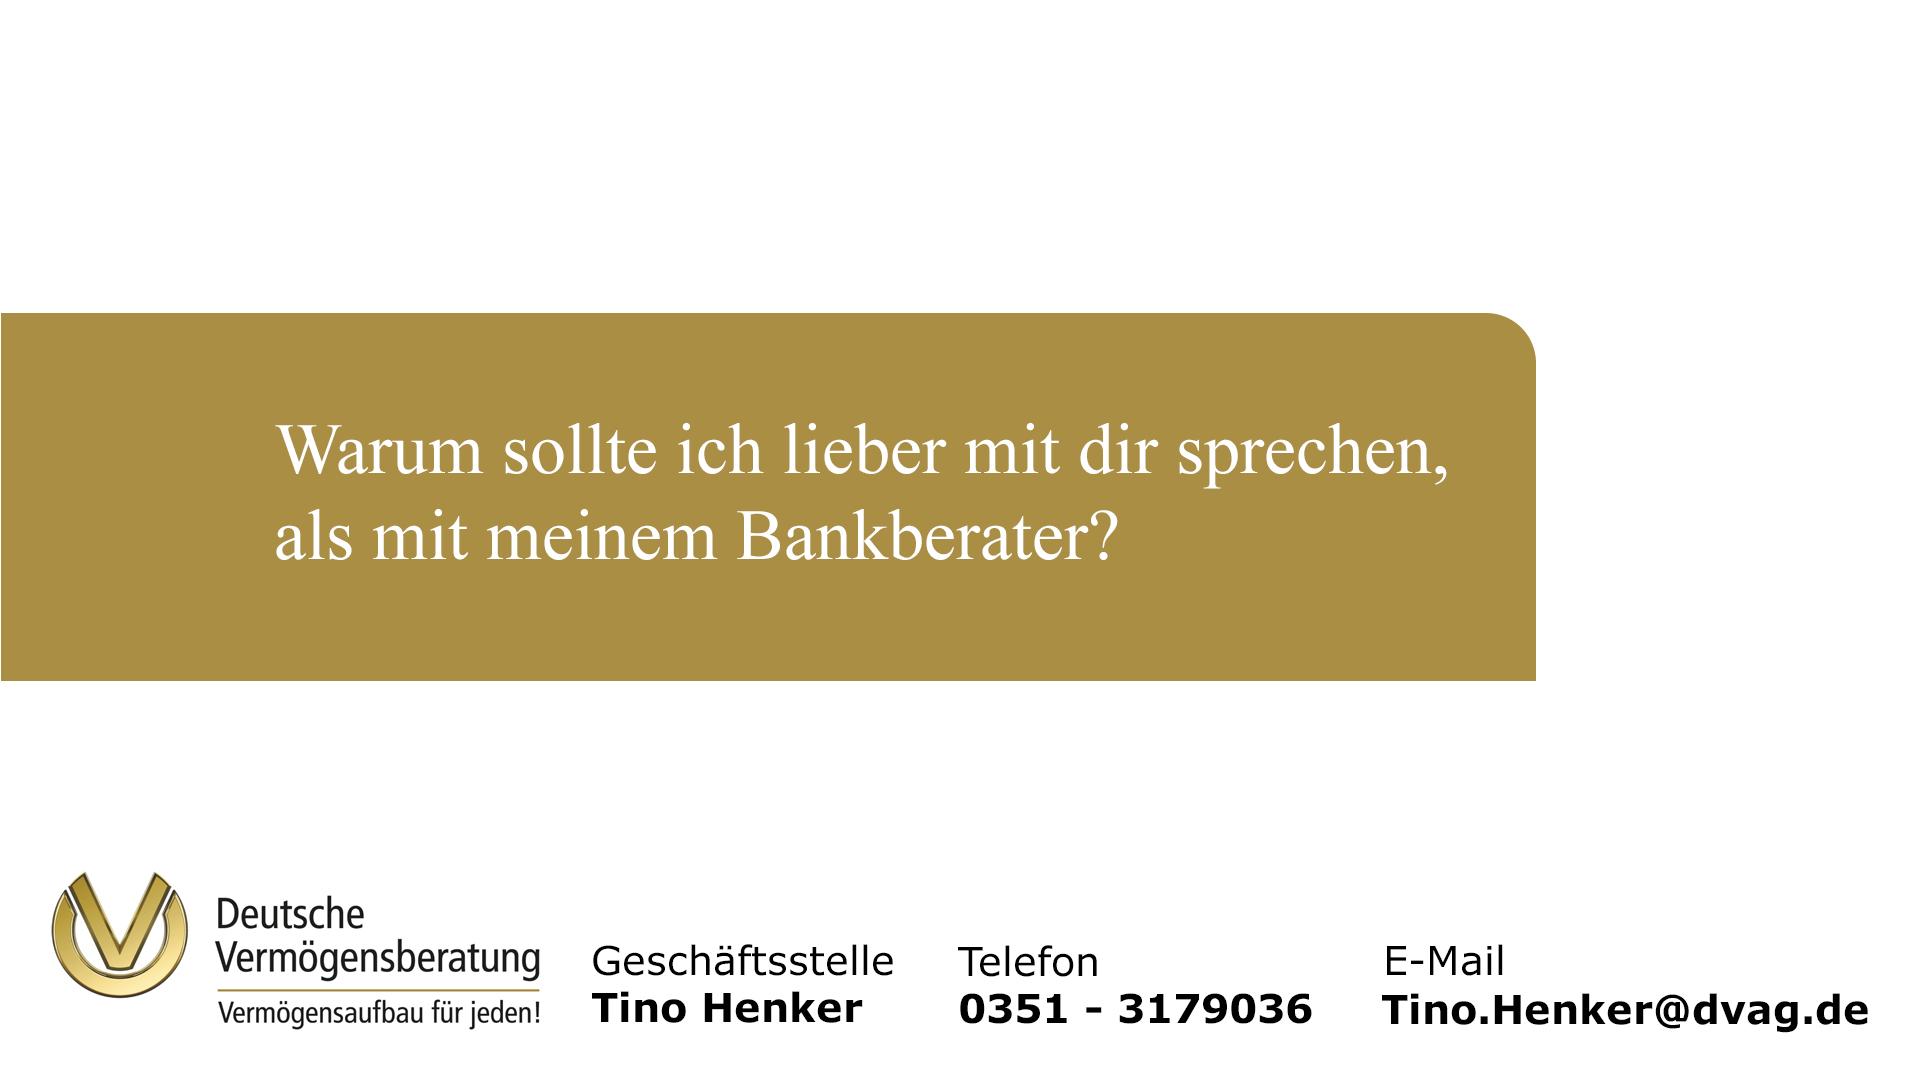 Warum sollte ich lieber mit dir, als mit meinem Bankberater sprechen.